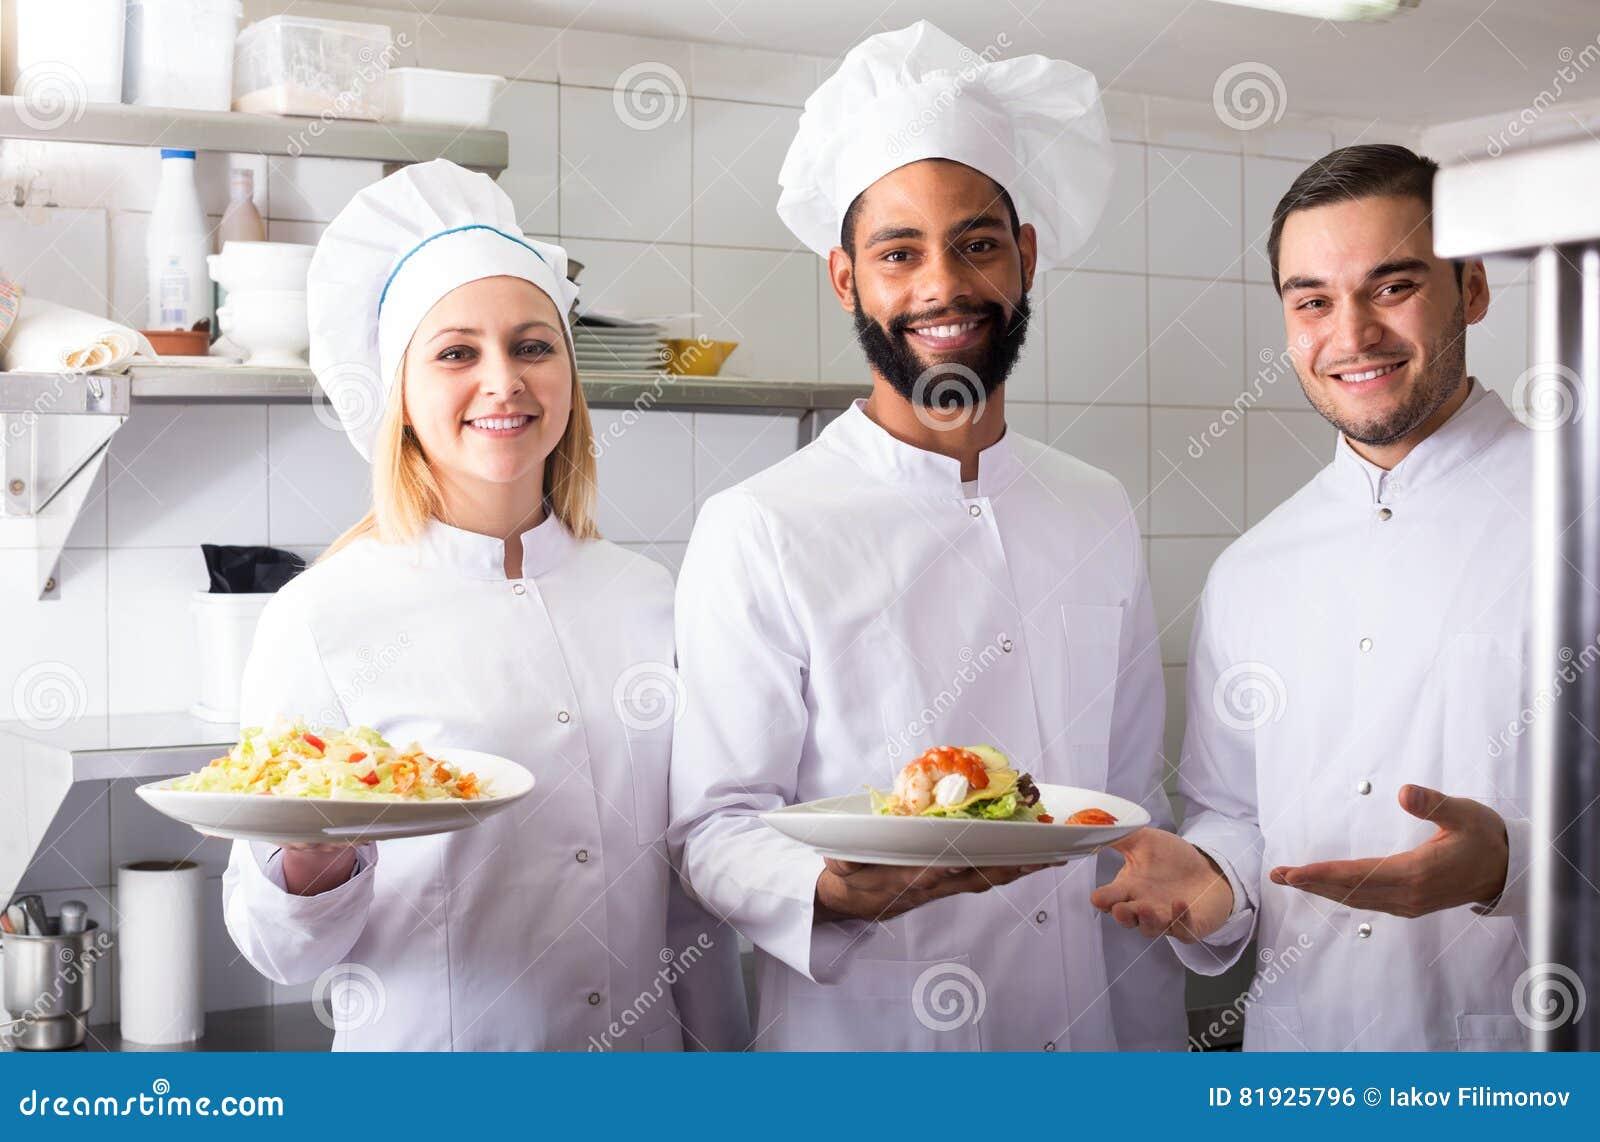 准备膳食的厨师和他的助理